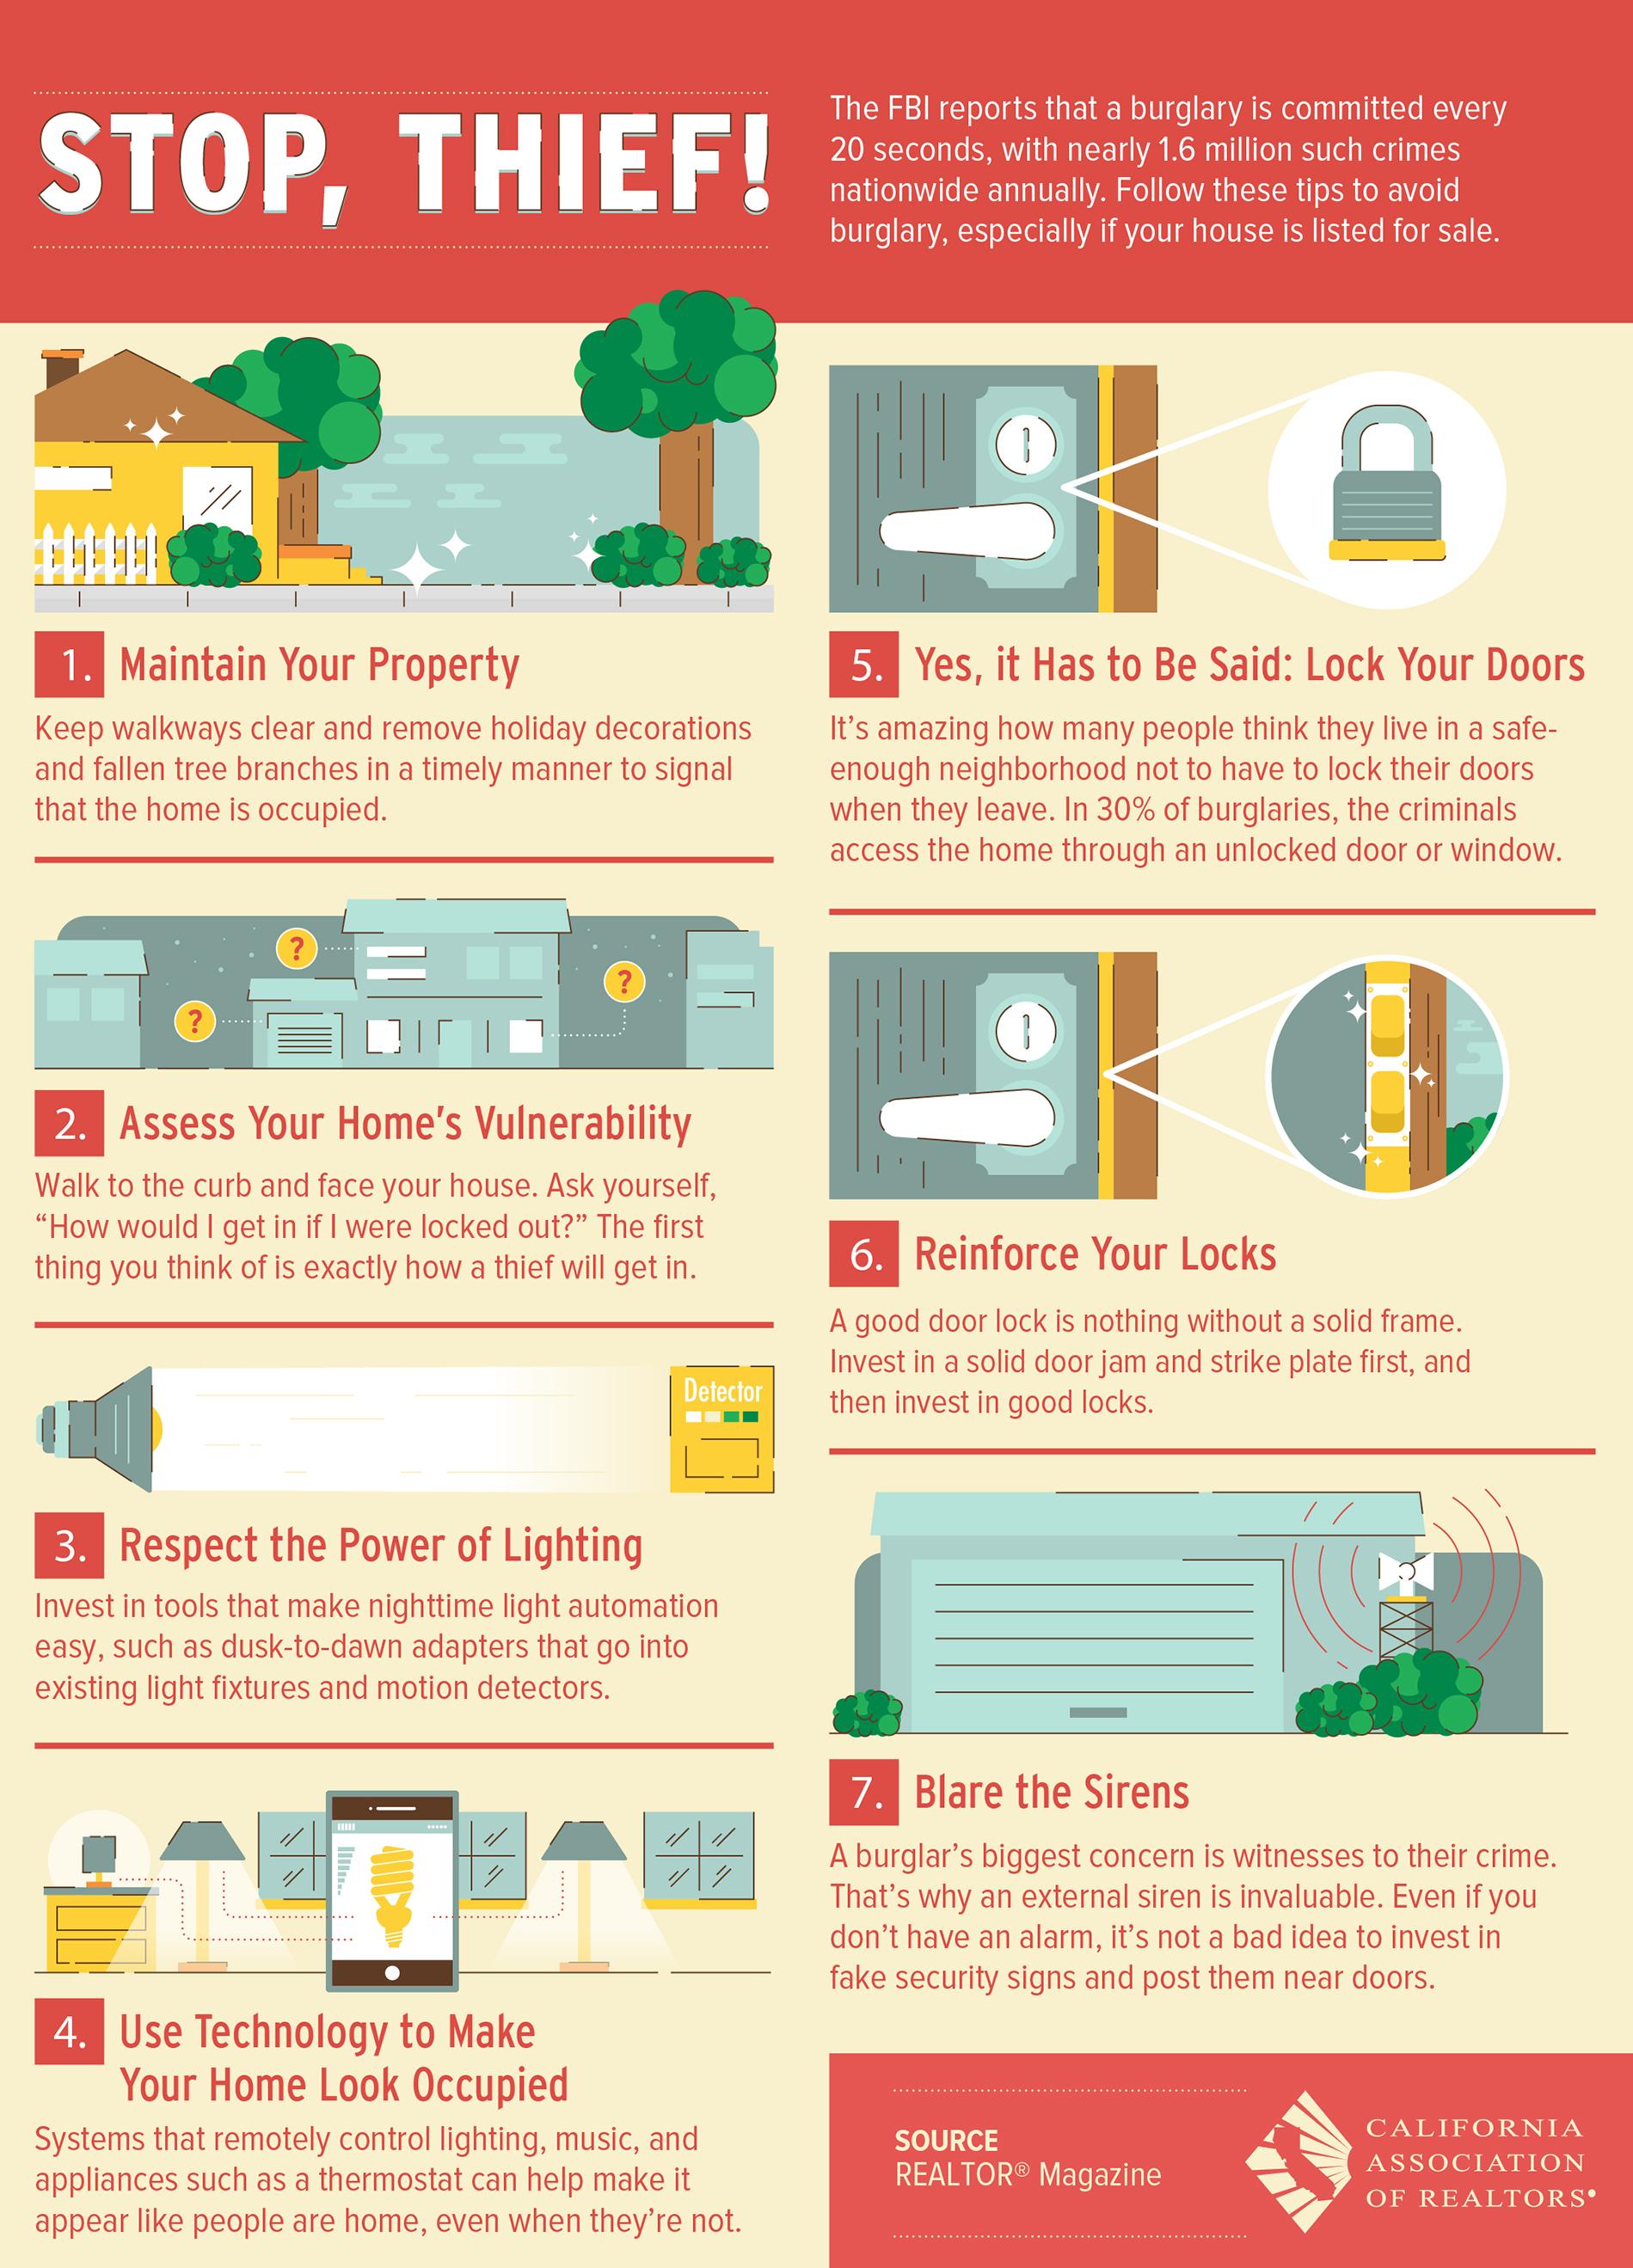 Avoiding burglary